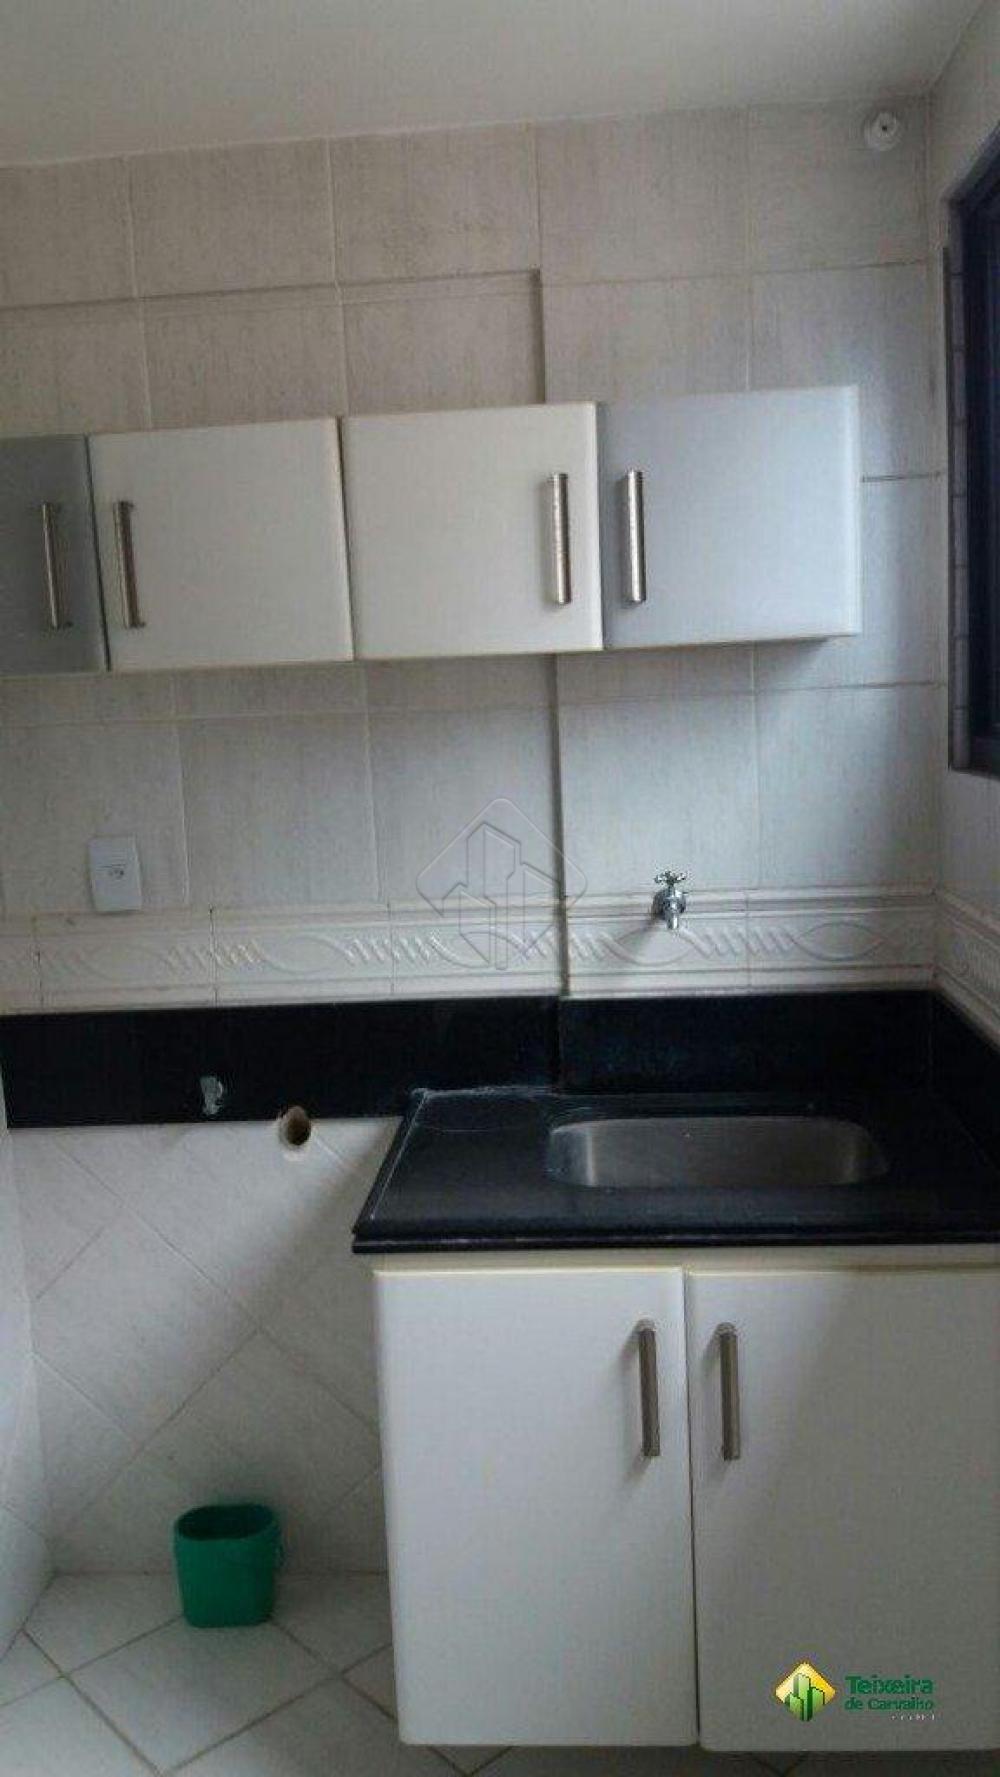 Comprar Apartamento / Padrão em João Pessoa apenas R$ 365.000,00 - Foto 16